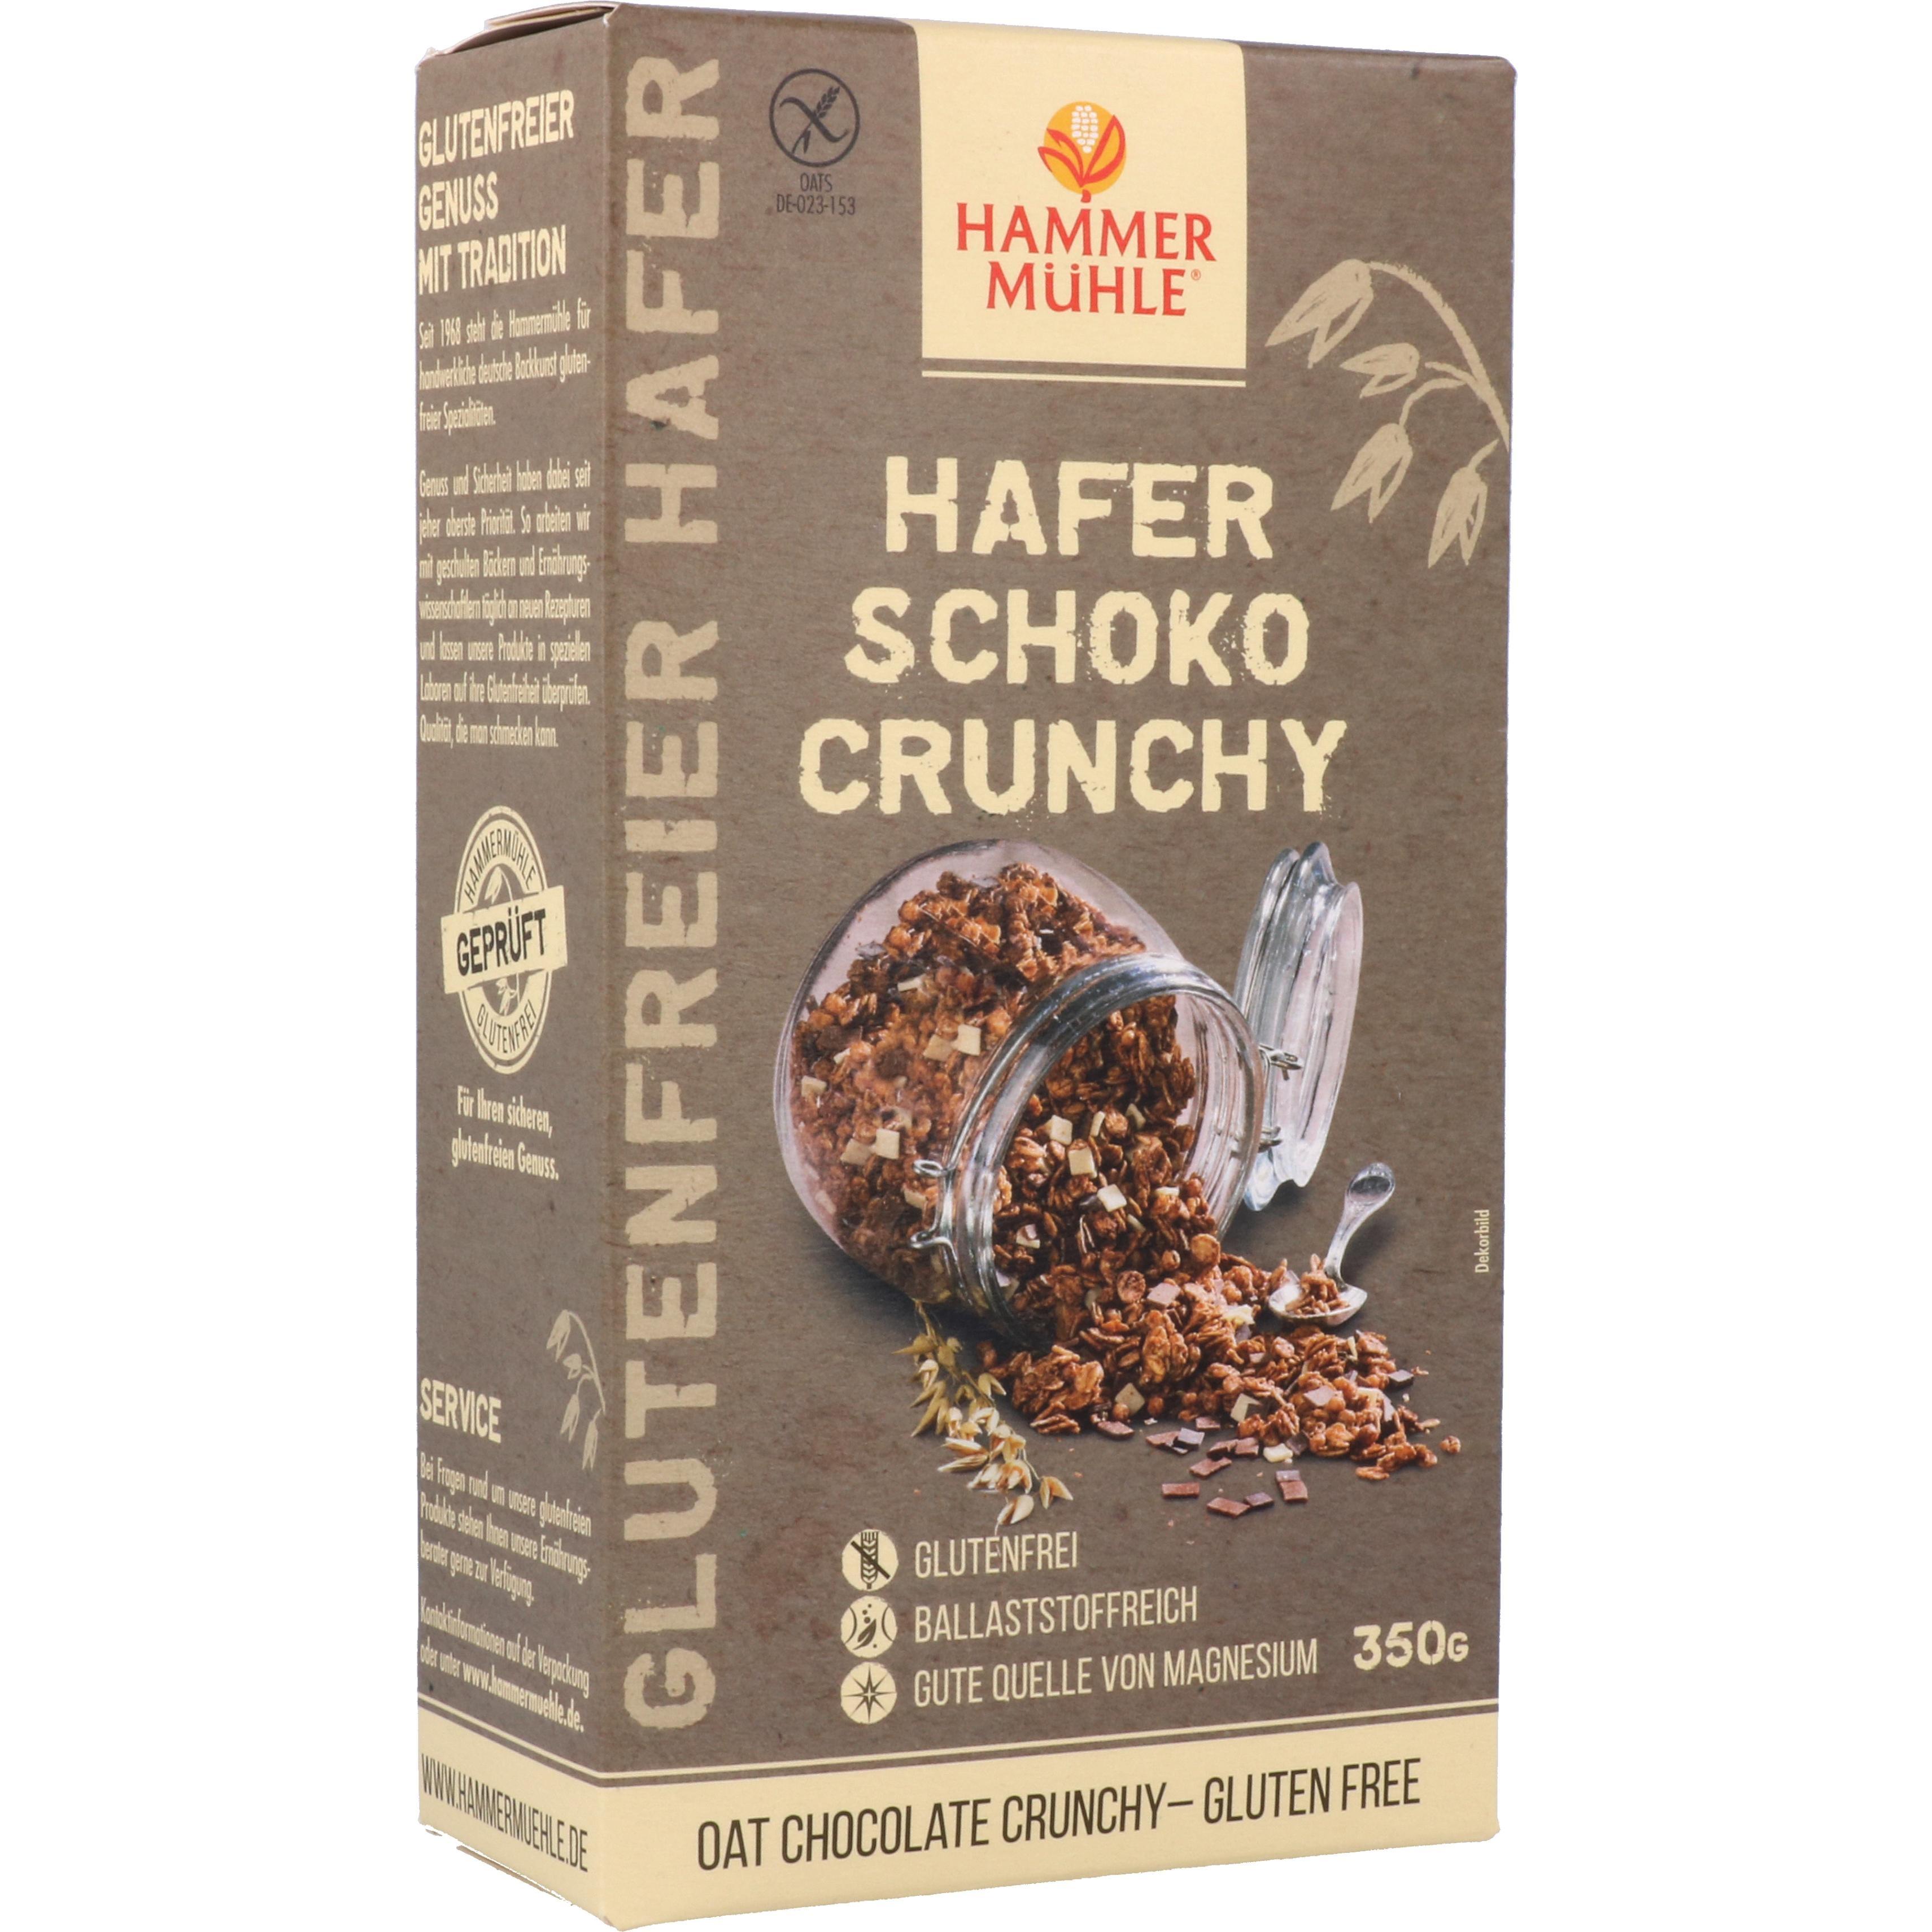 Hammermühle Hafer Schoko Crunchy 350g